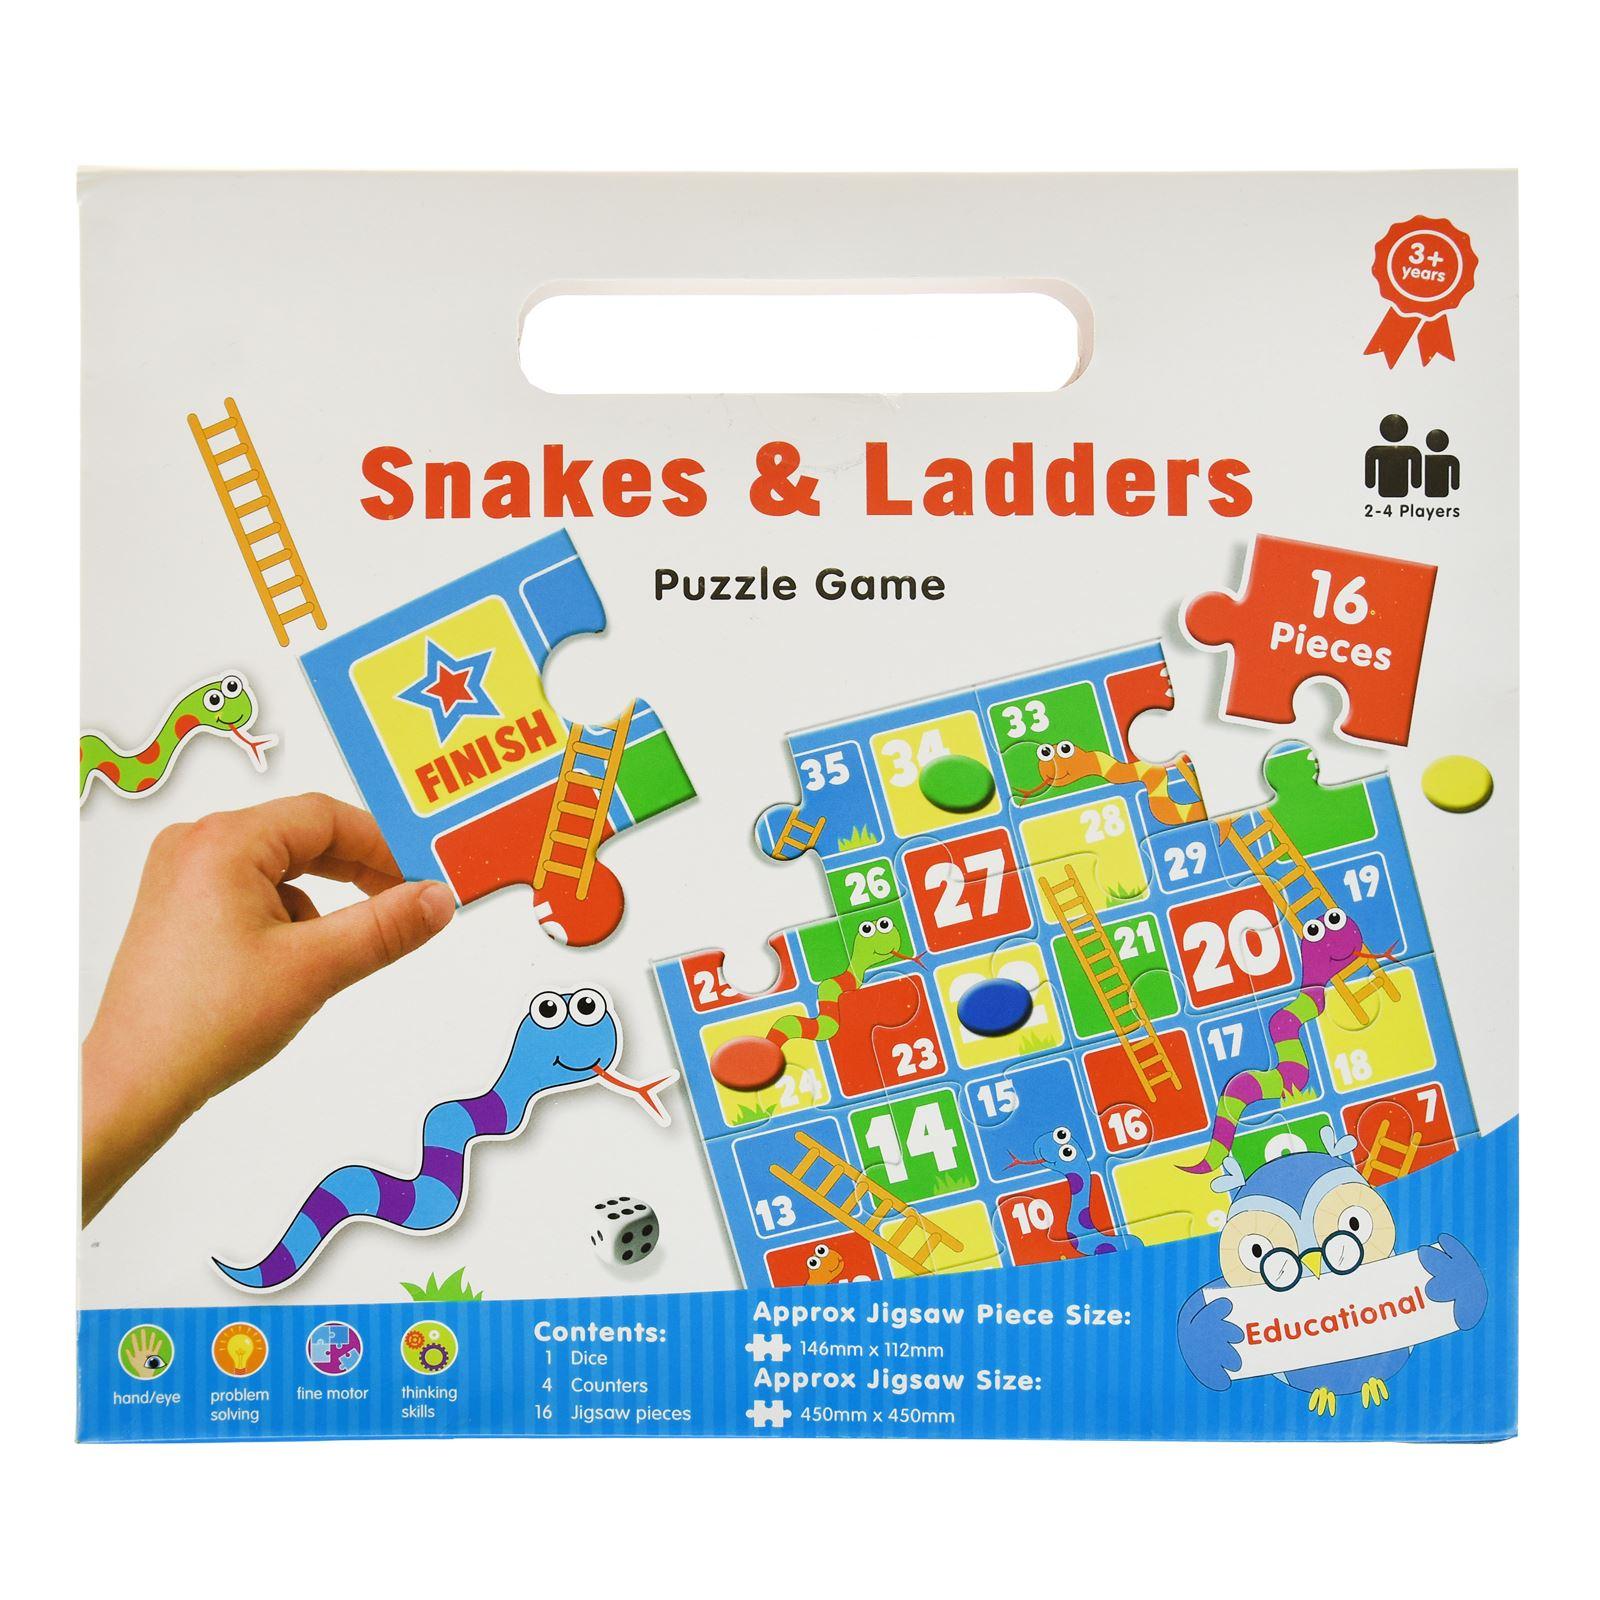 16pc-Mon-Premier-Puzzle-Enfants-educatif-Problem-Solving-jeu-jouet miniature 10